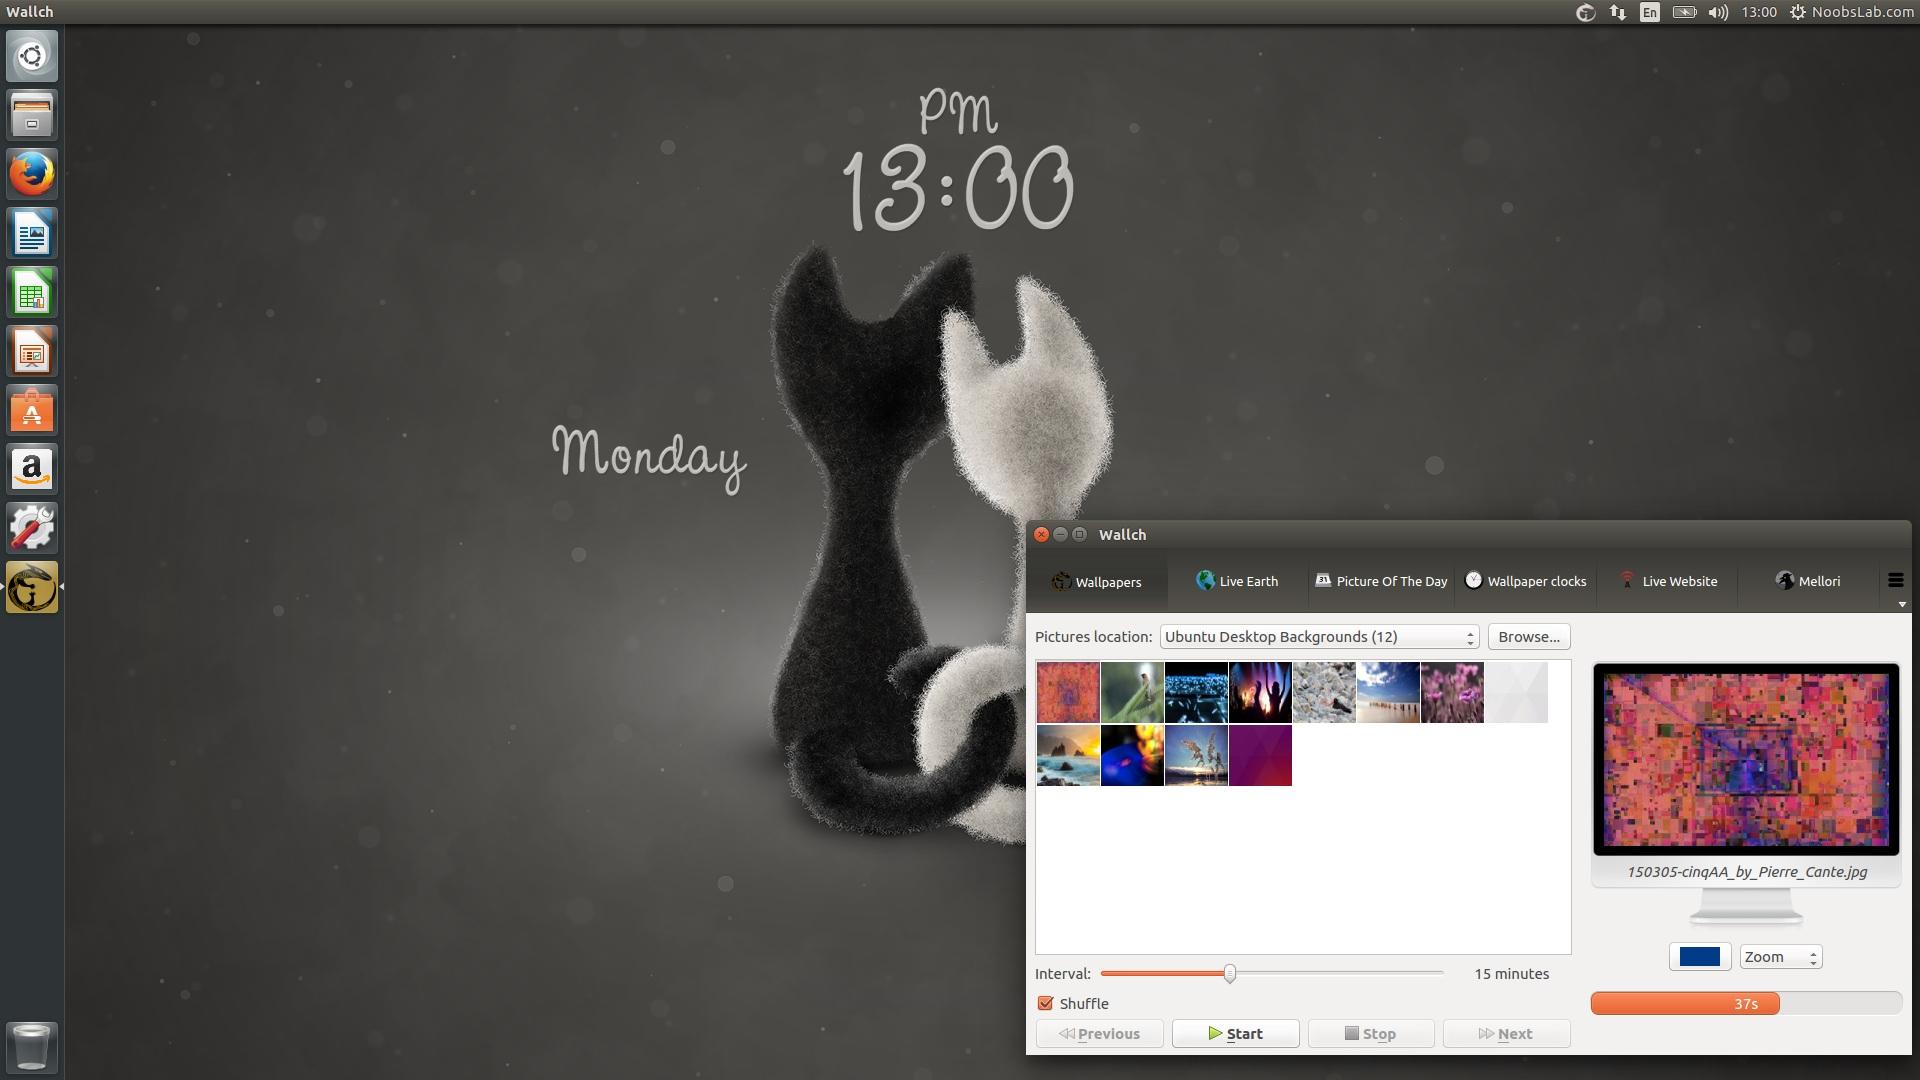 wallch 4 x offers live clock wallpaper u0026 web install in ubuntu